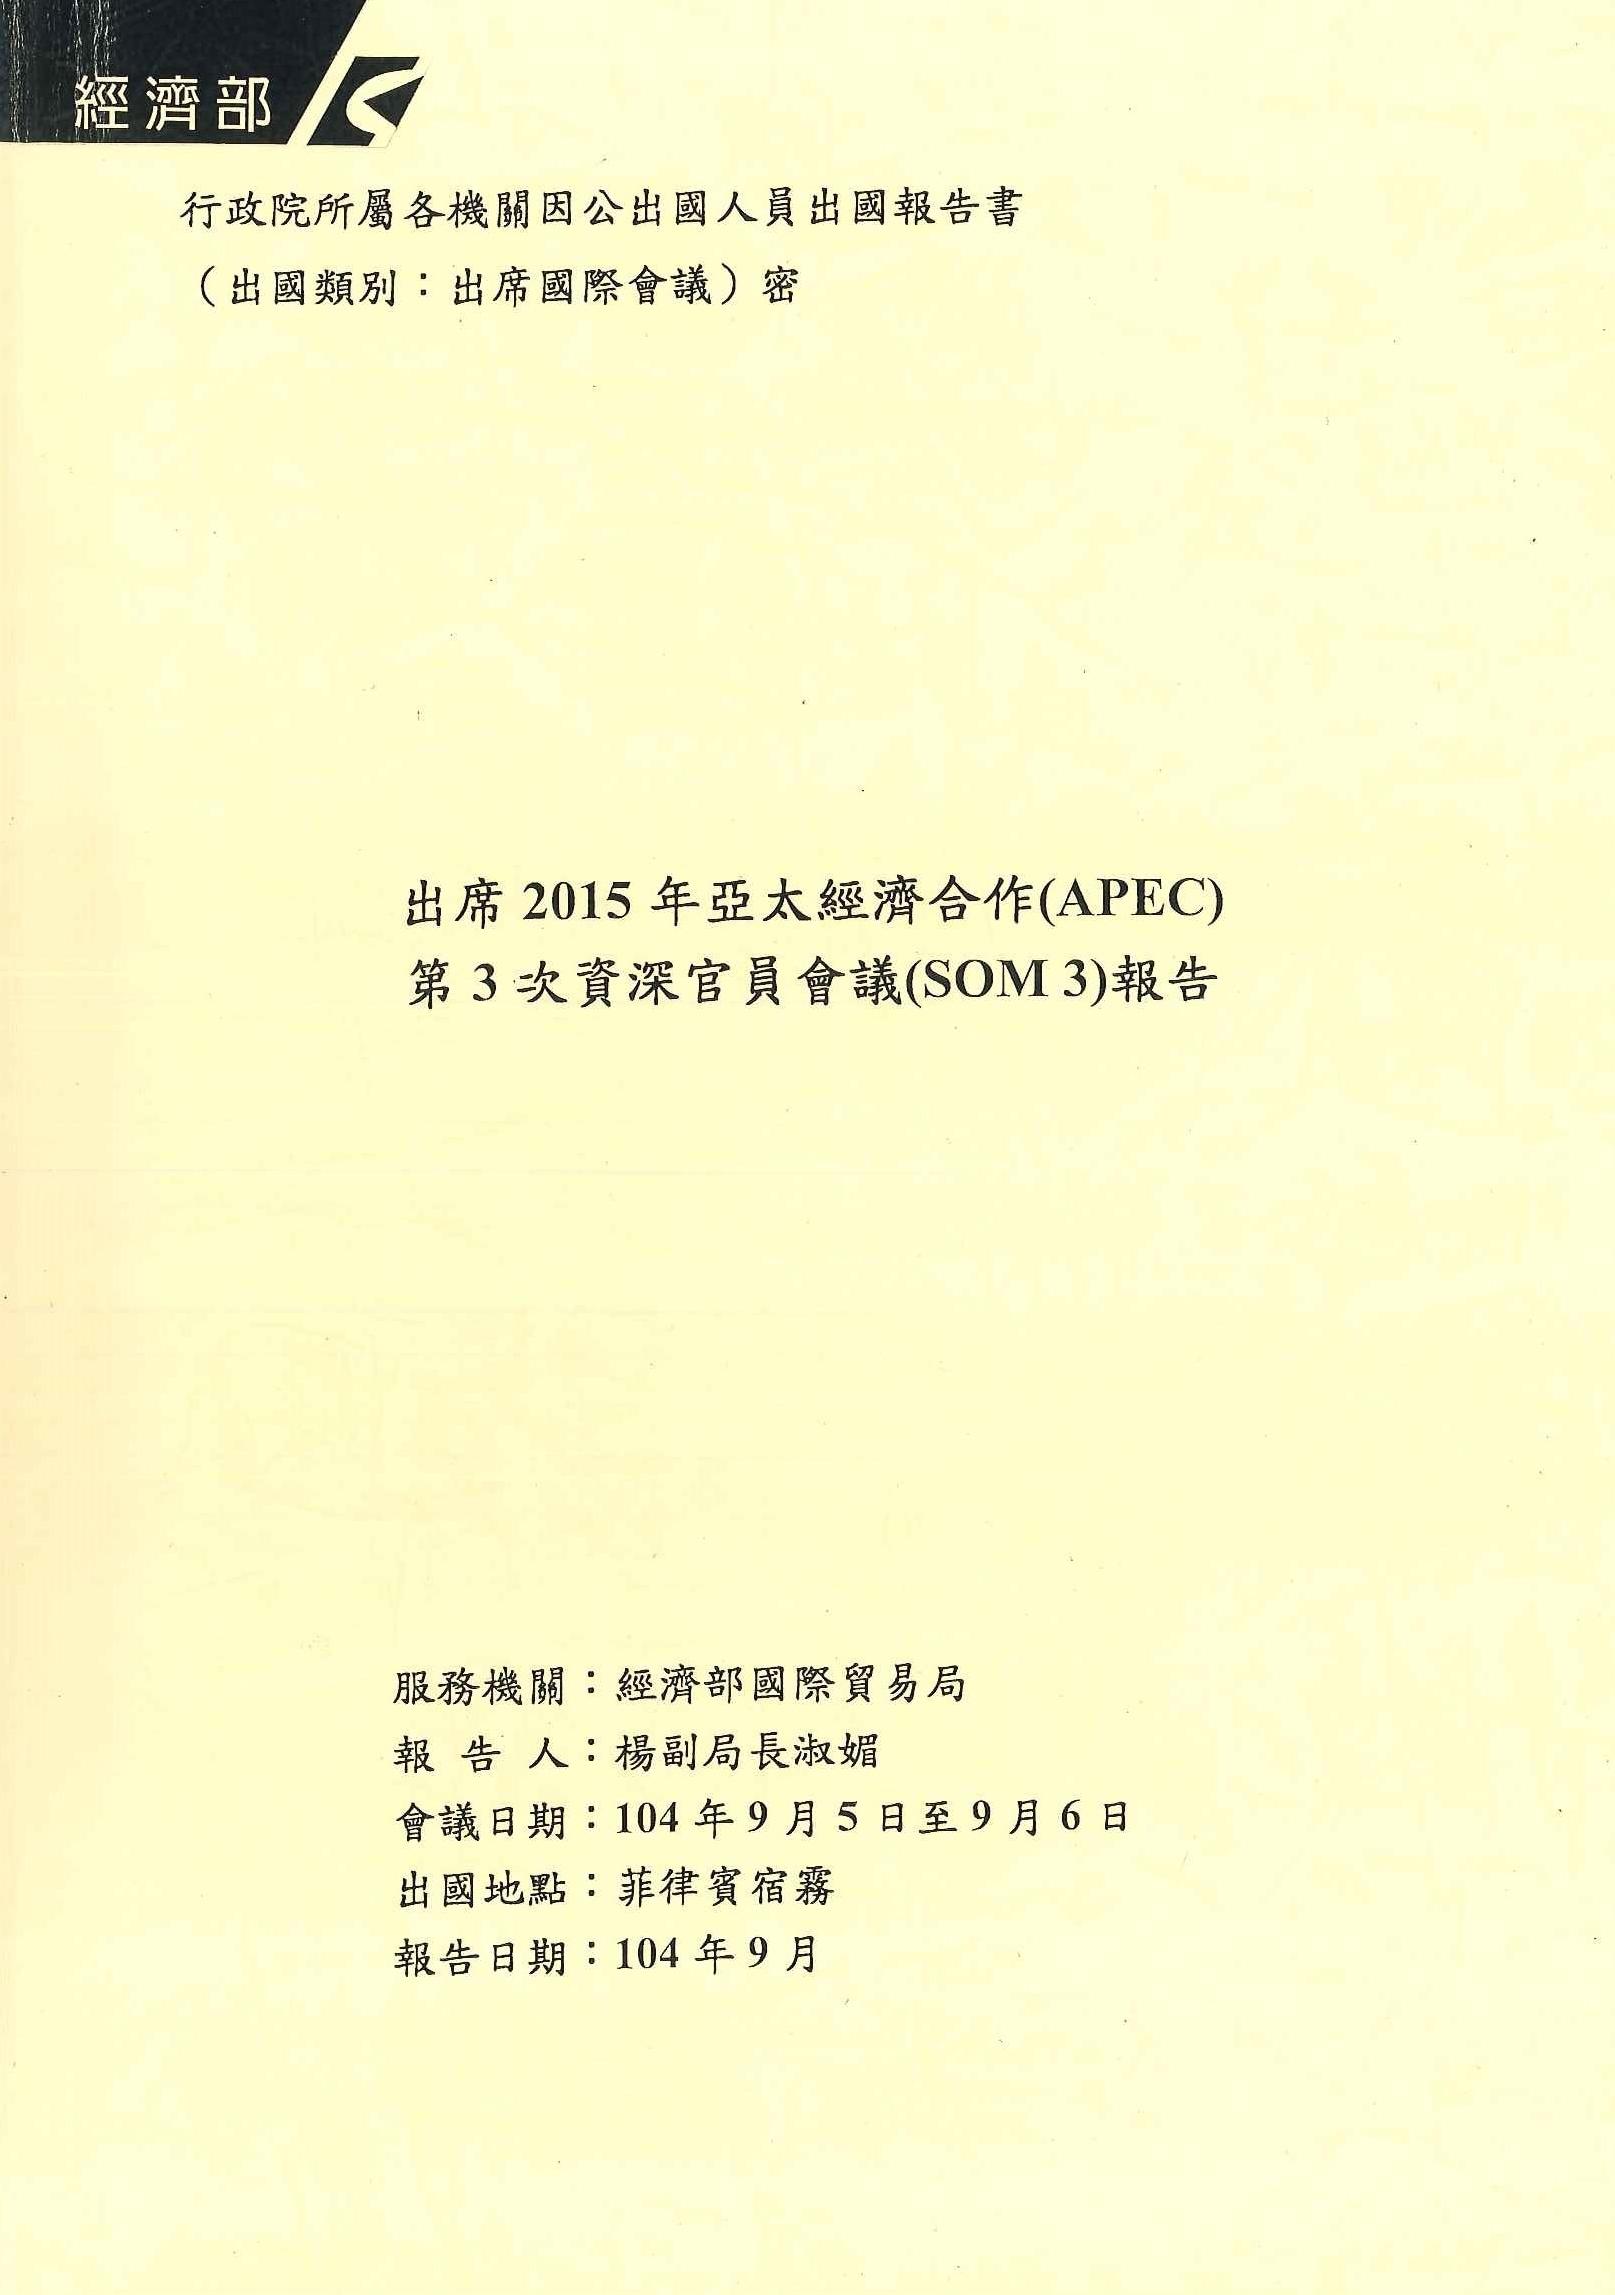 出席2015年亞太經濟合作(APEC)第3次資深官員會議(SOM3)報告